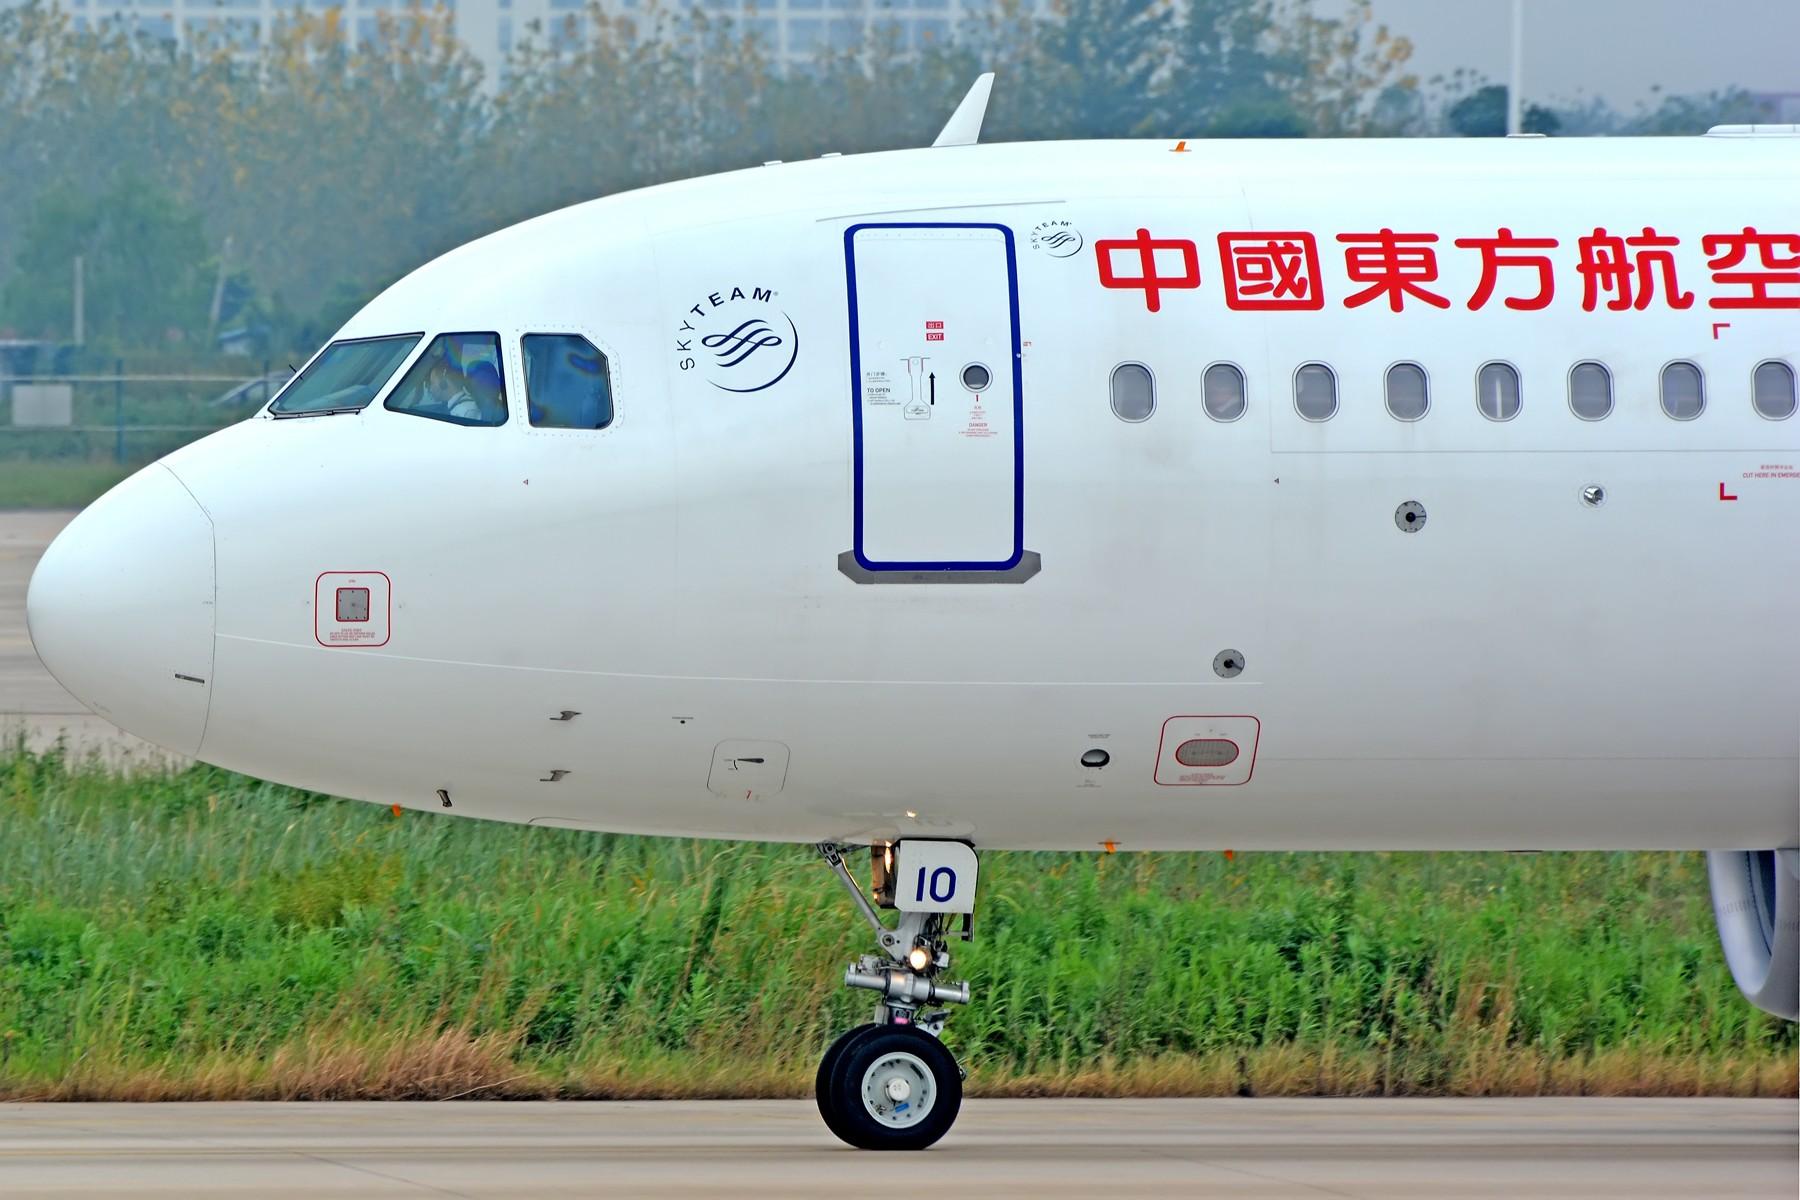 [原创]【一图党】小燕子滑行大头照一张 AIRBUS A320-200 B-1610 中国合肥新桥国际机场